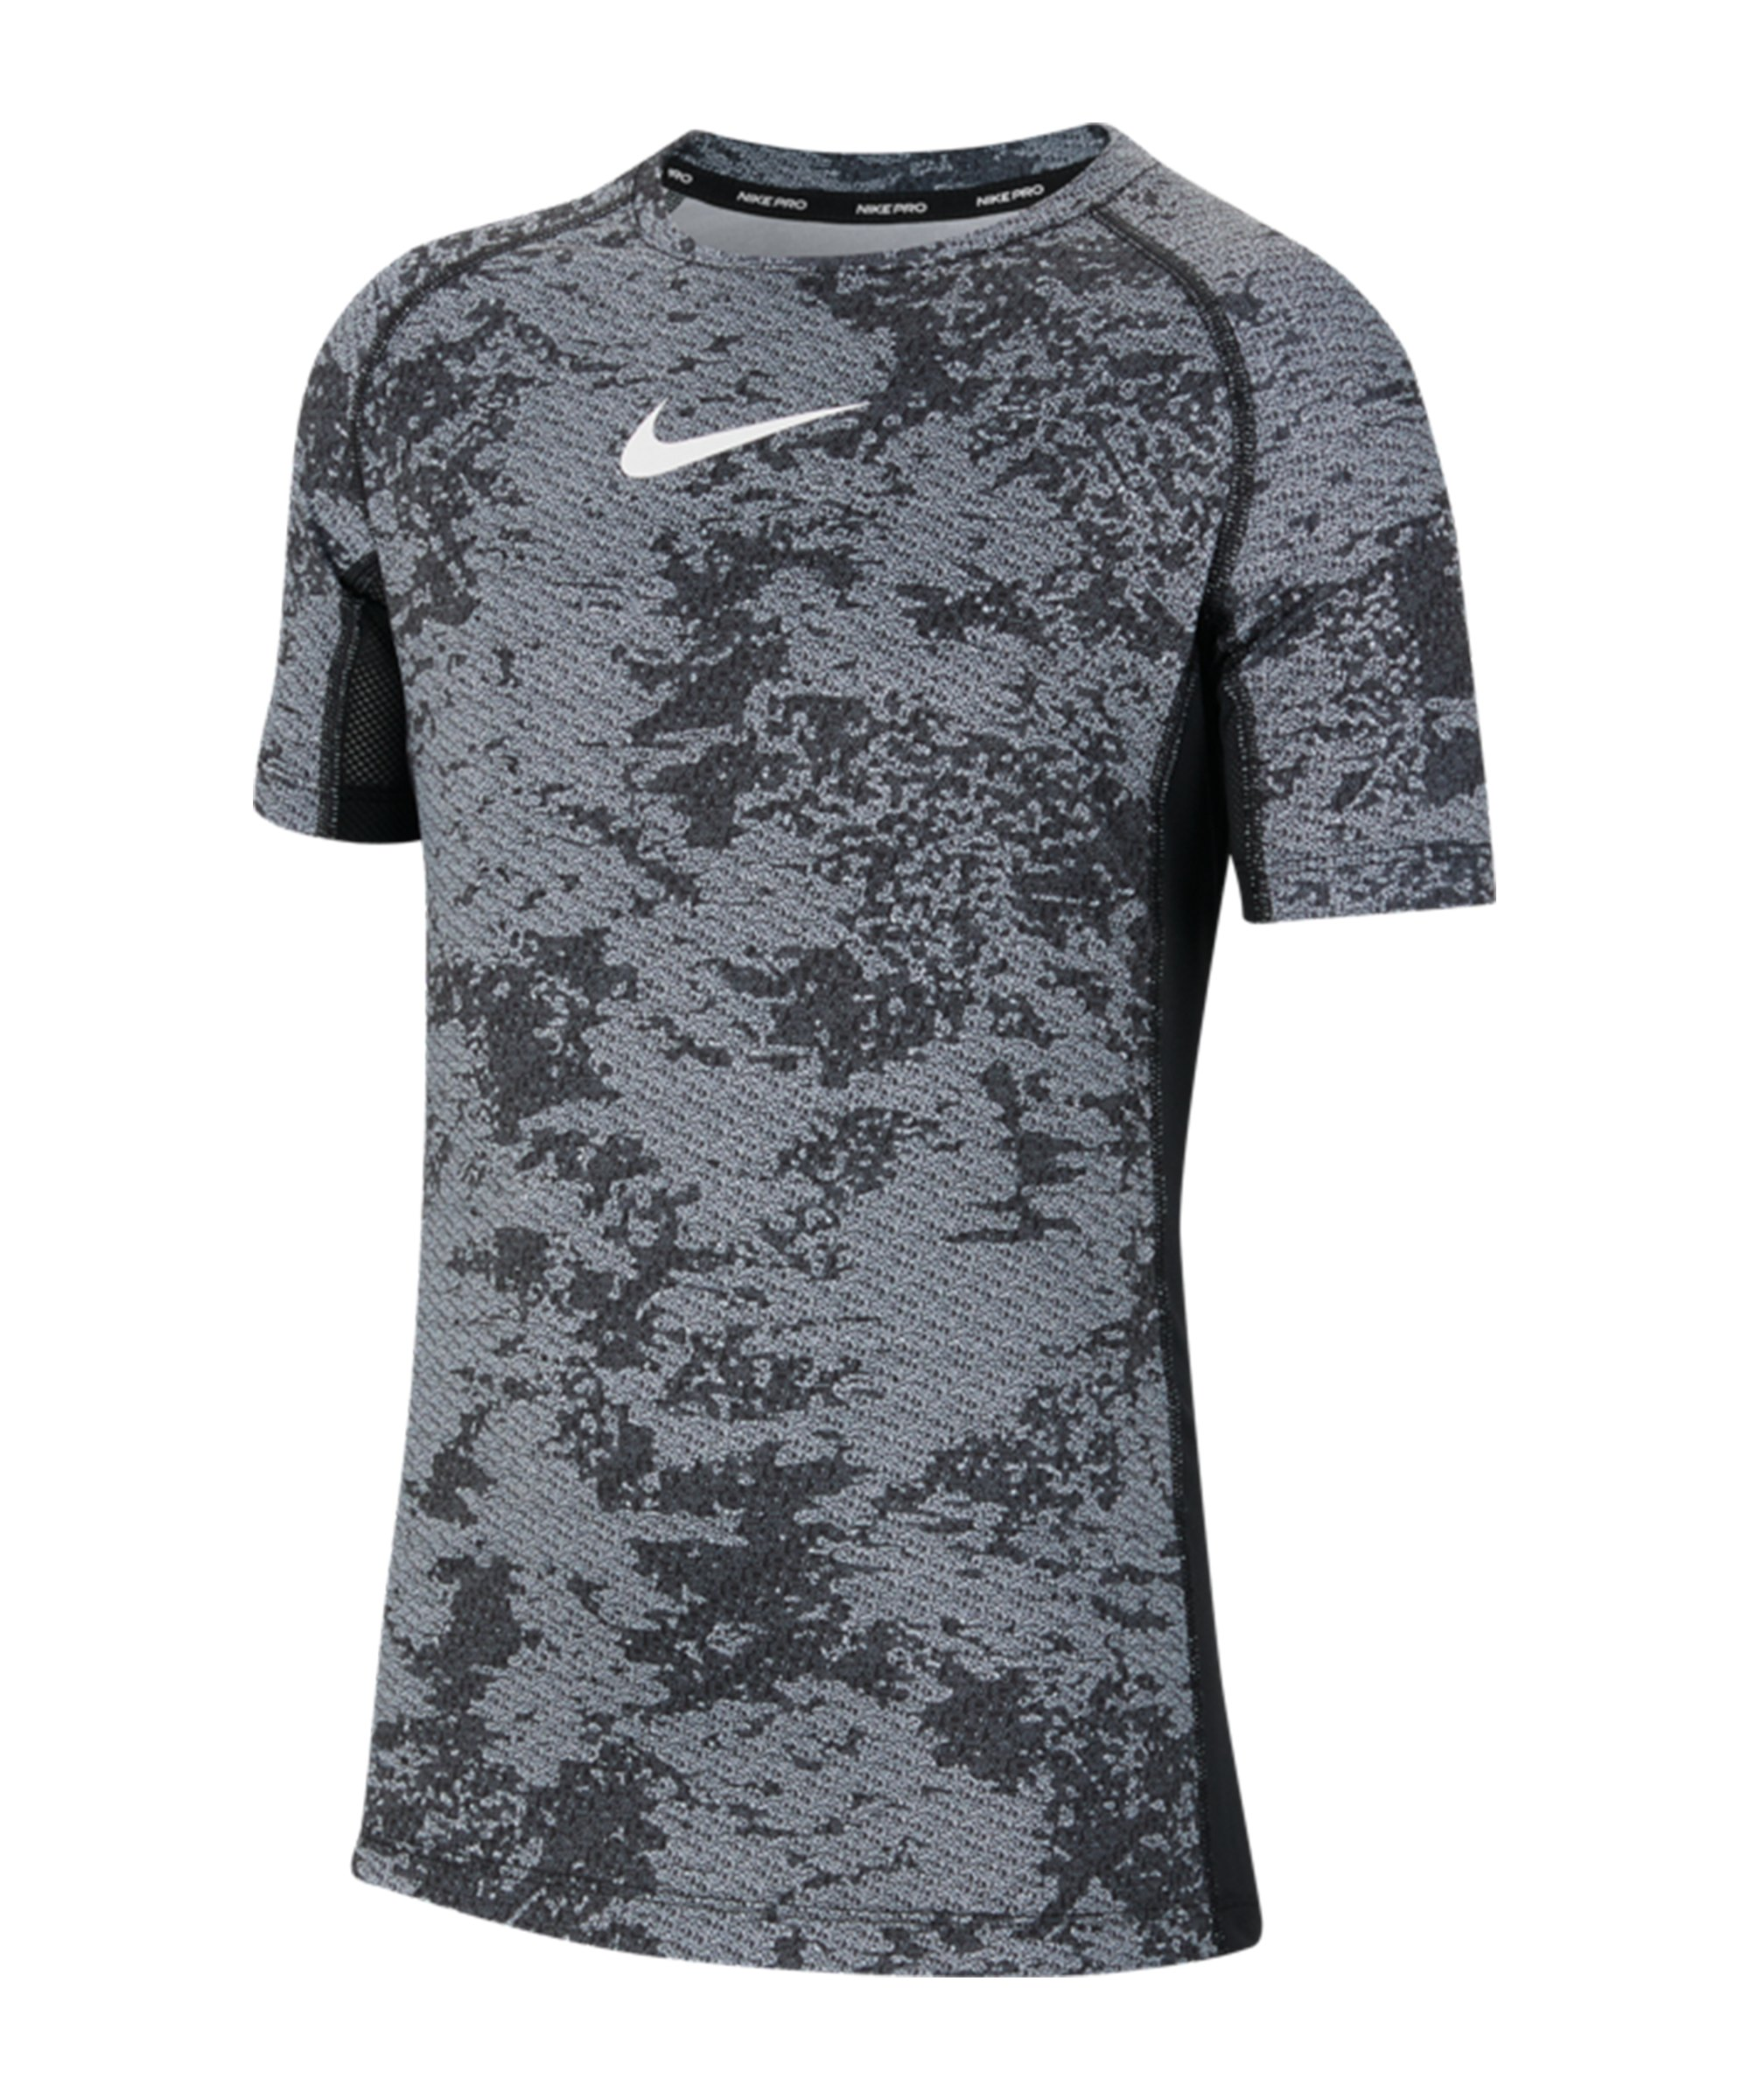 Nike Pro T-Shirt Kids Grau F010 - grau